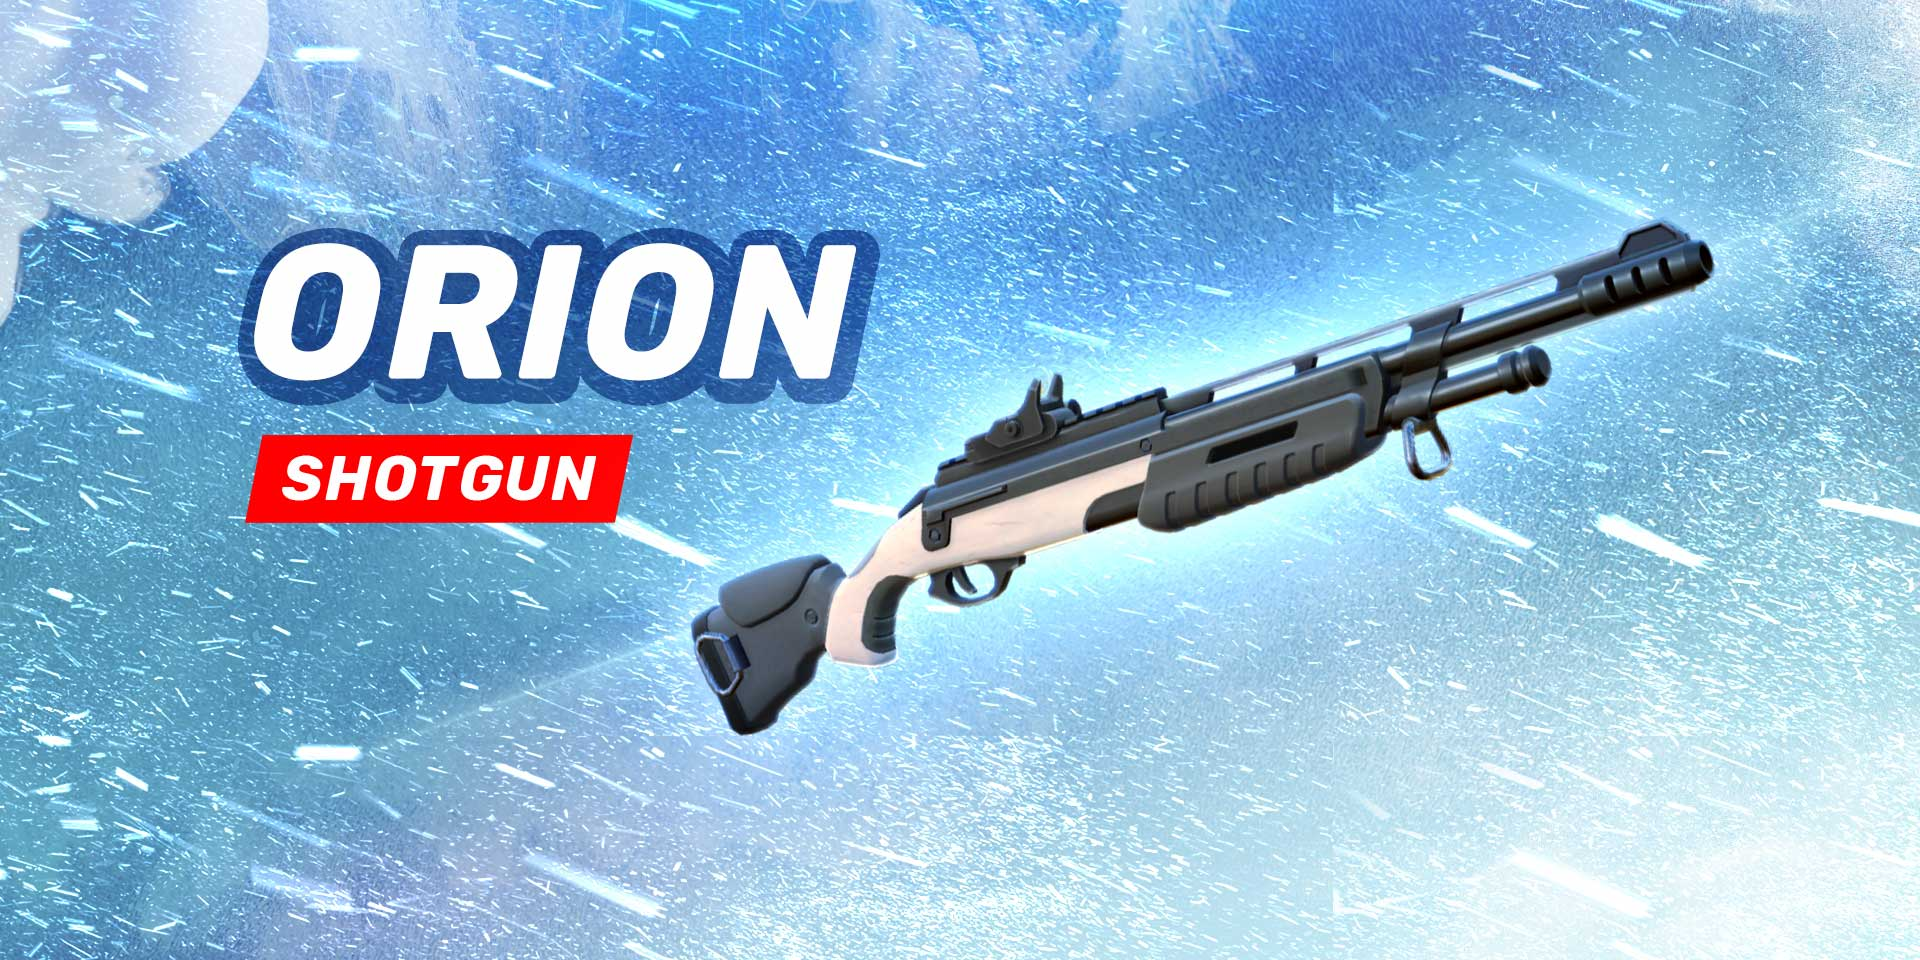 5fe0b1fb59c29_act2-s1-gunsopedia_Orion_header_EN